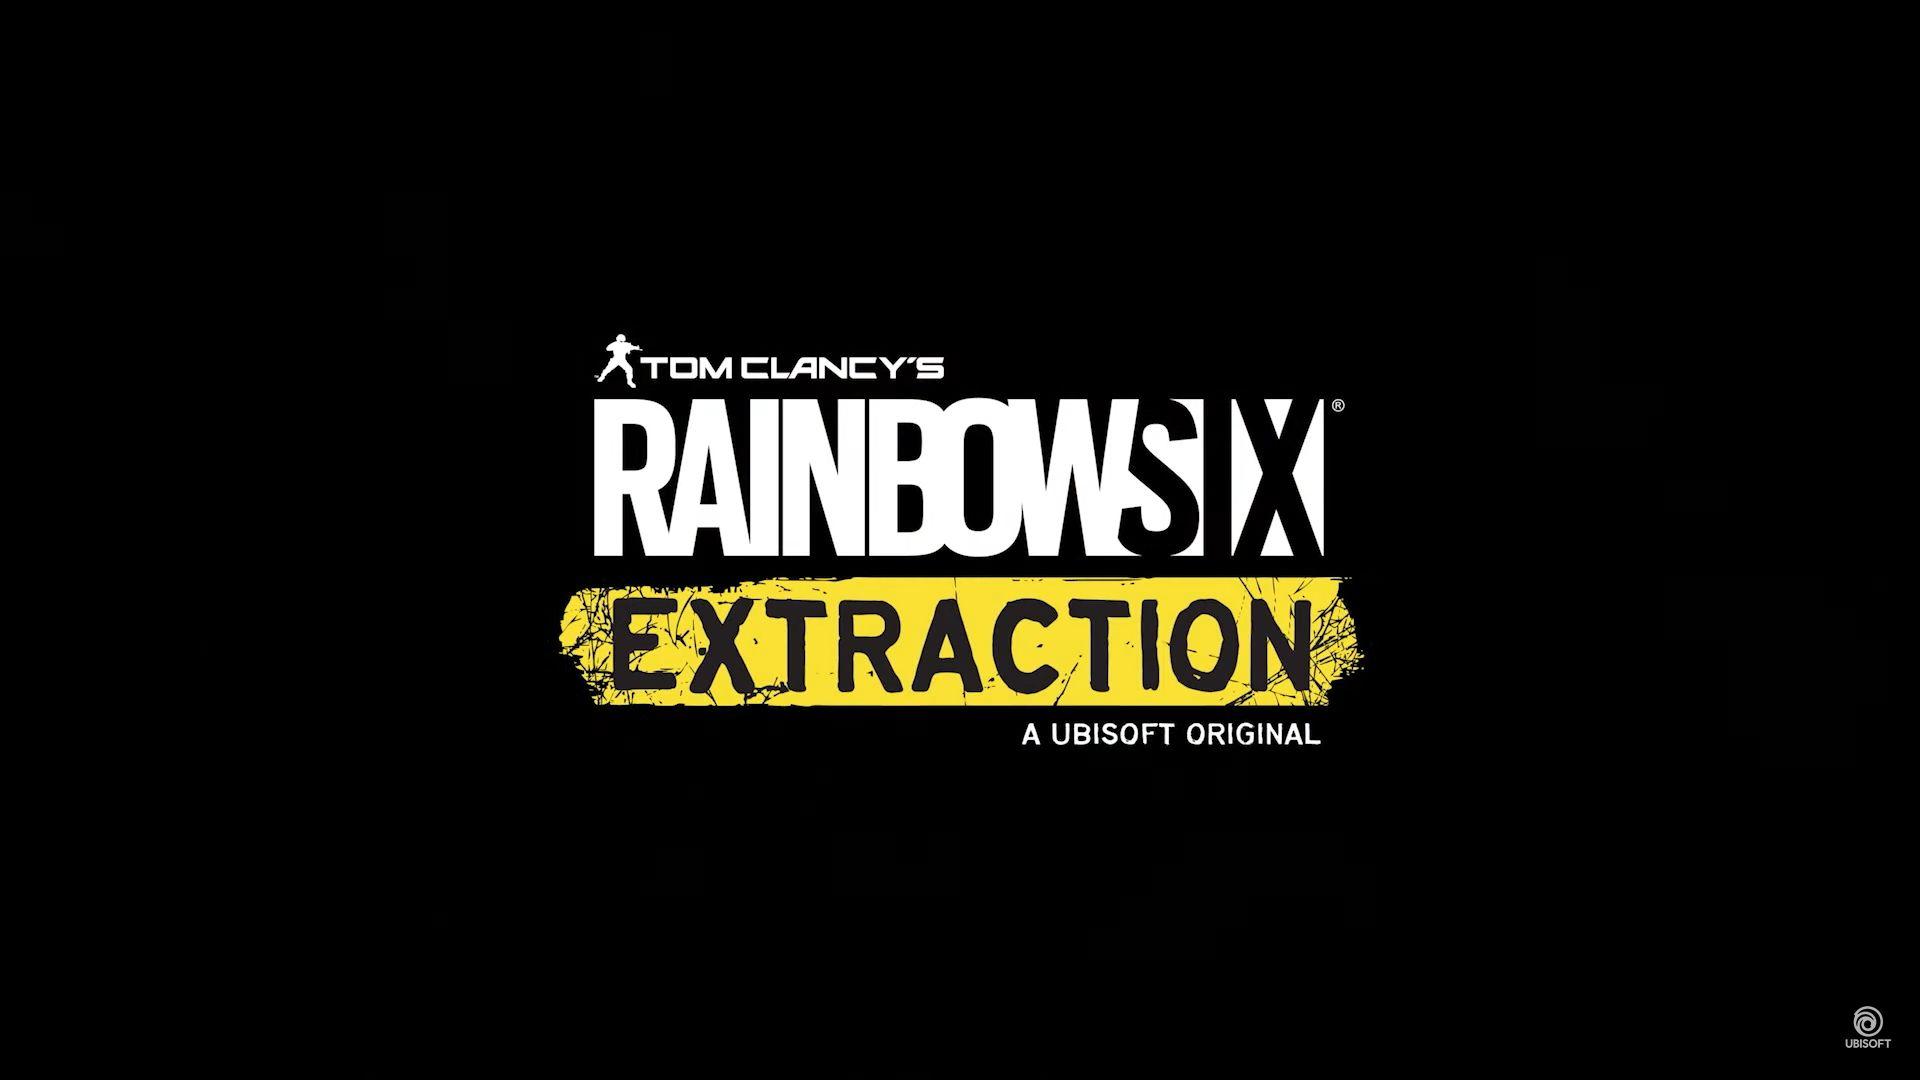 تریلر گیم پلی بازی Rainbow Six Extraction